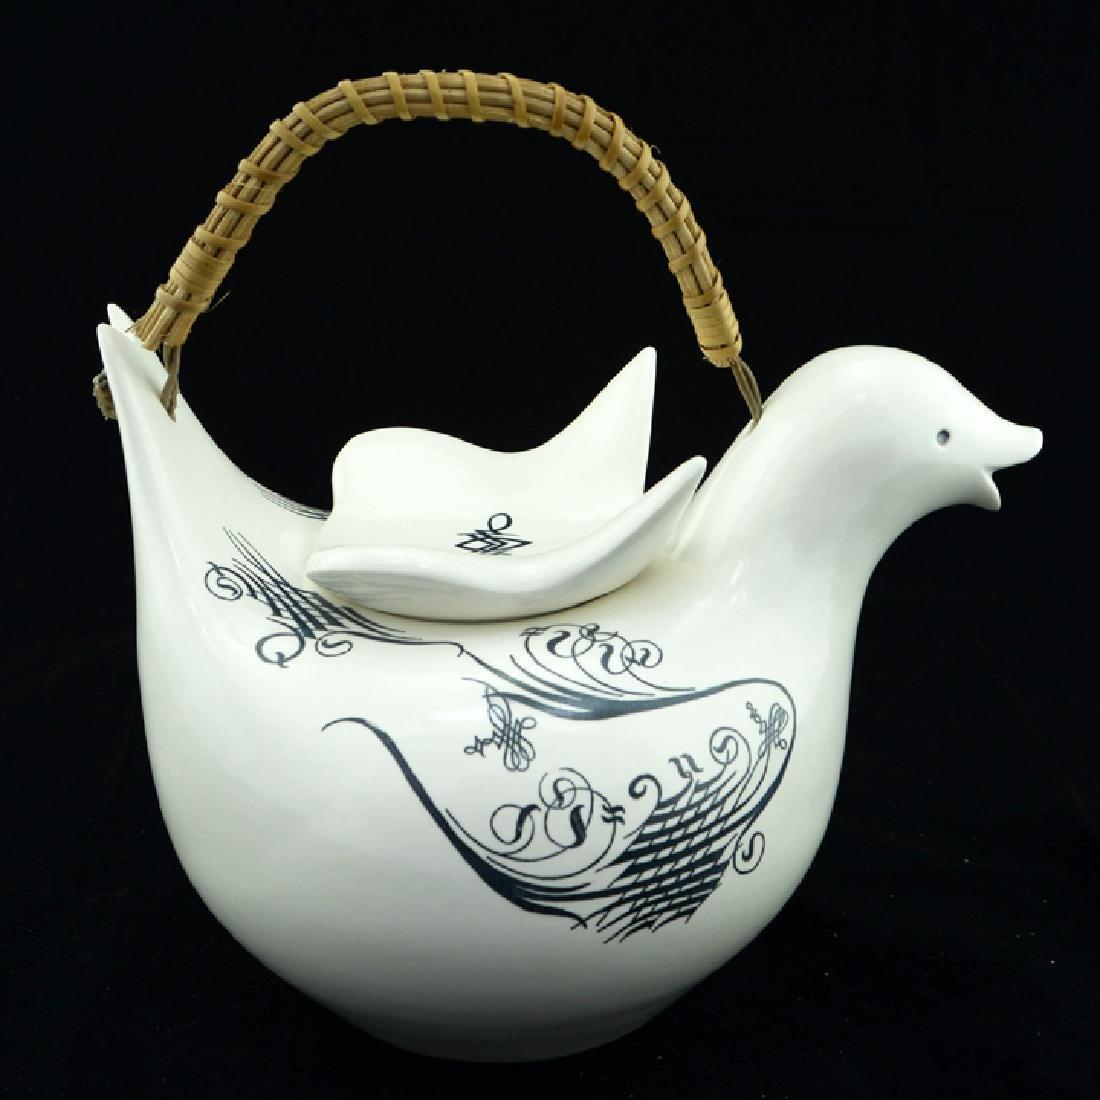 Zeisel Schmid Lyric Bird-Form Teapot